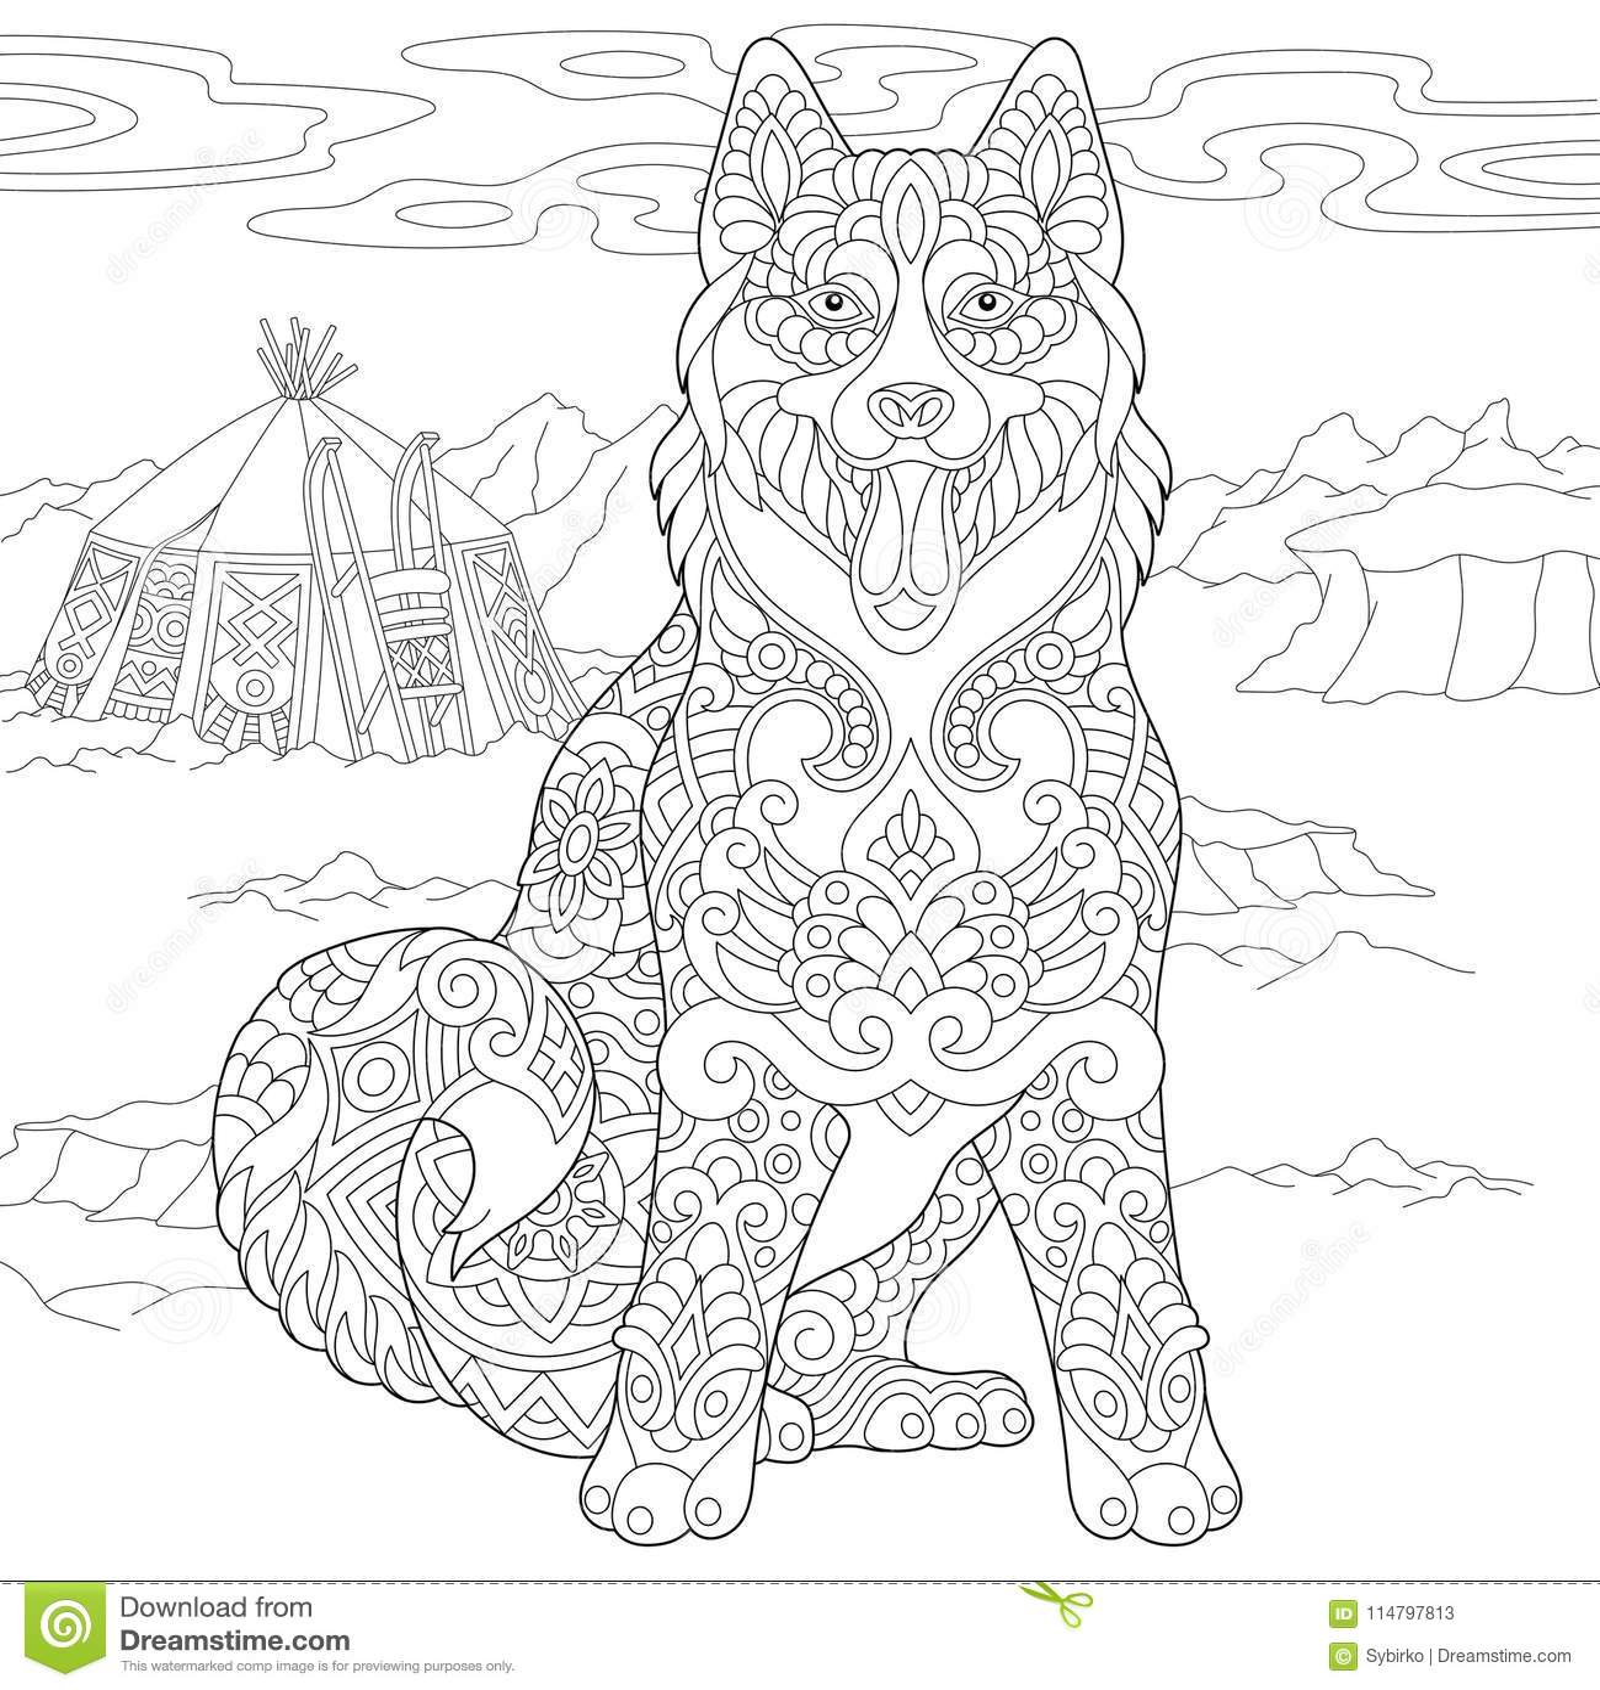 Zentangle Siberian Husky Dog Stock Vector - Illustration of freehand ...